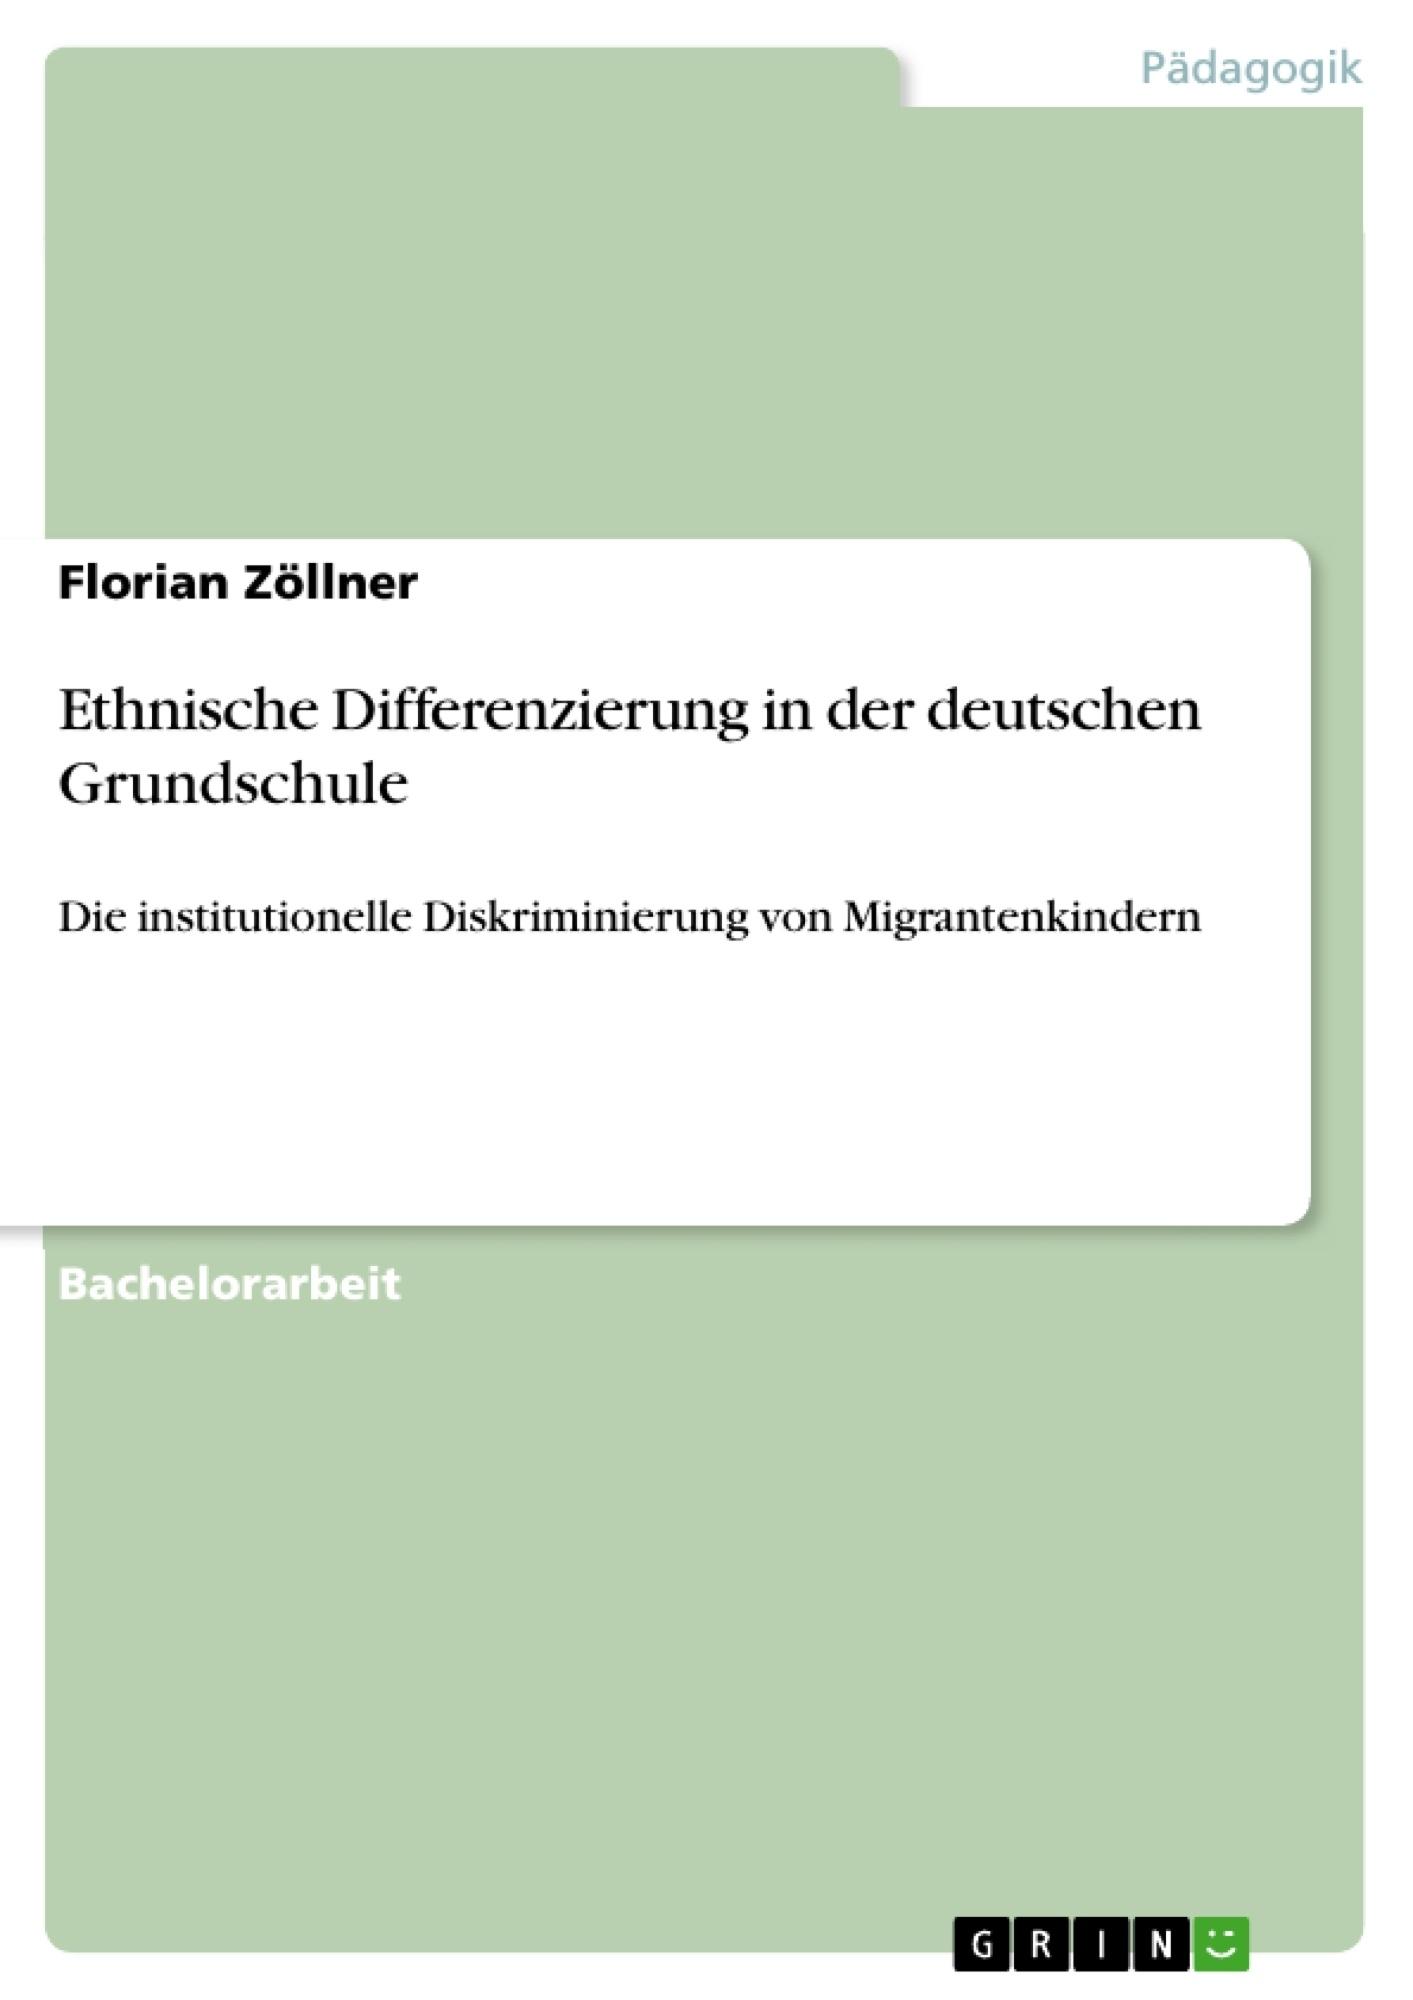 Titel: Ethnische Differenzierung in der deutschen Grundschule